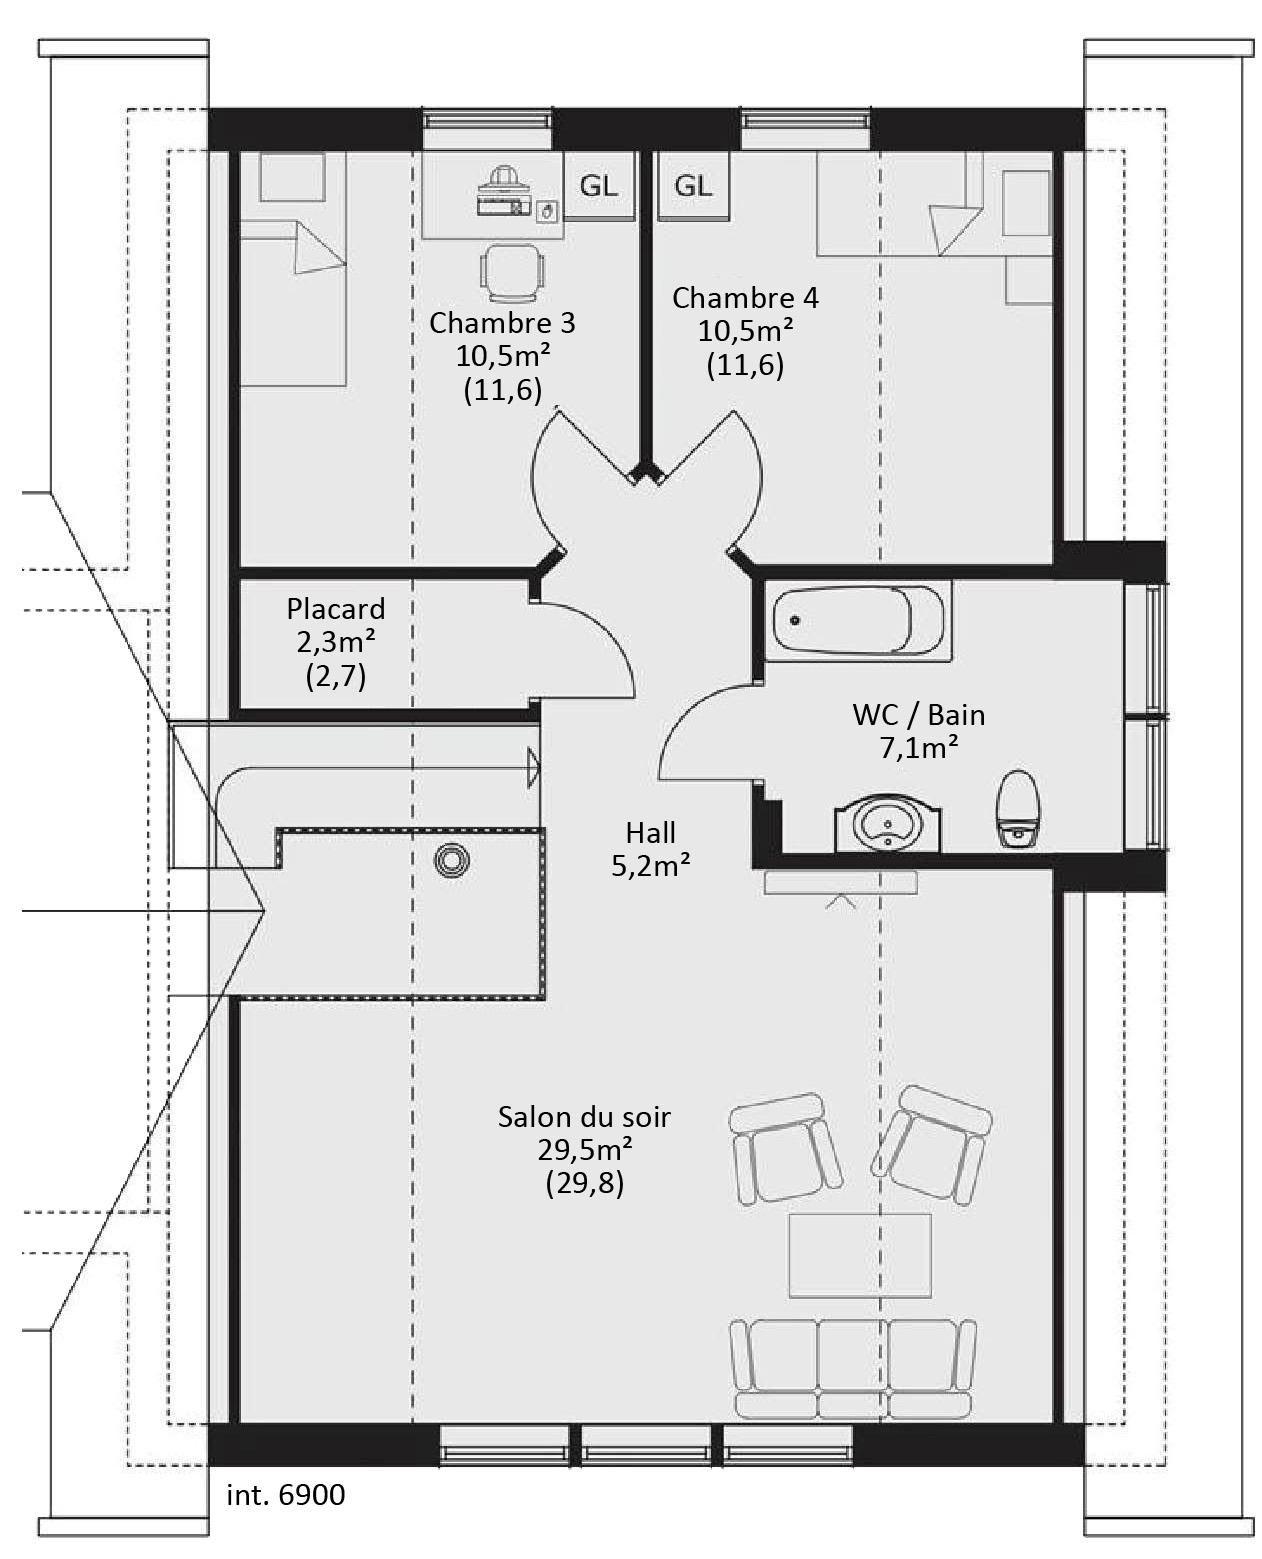 Plan Avec Mezzanine Plan Ossature Bois En L Plan Floor Plans How To Plan